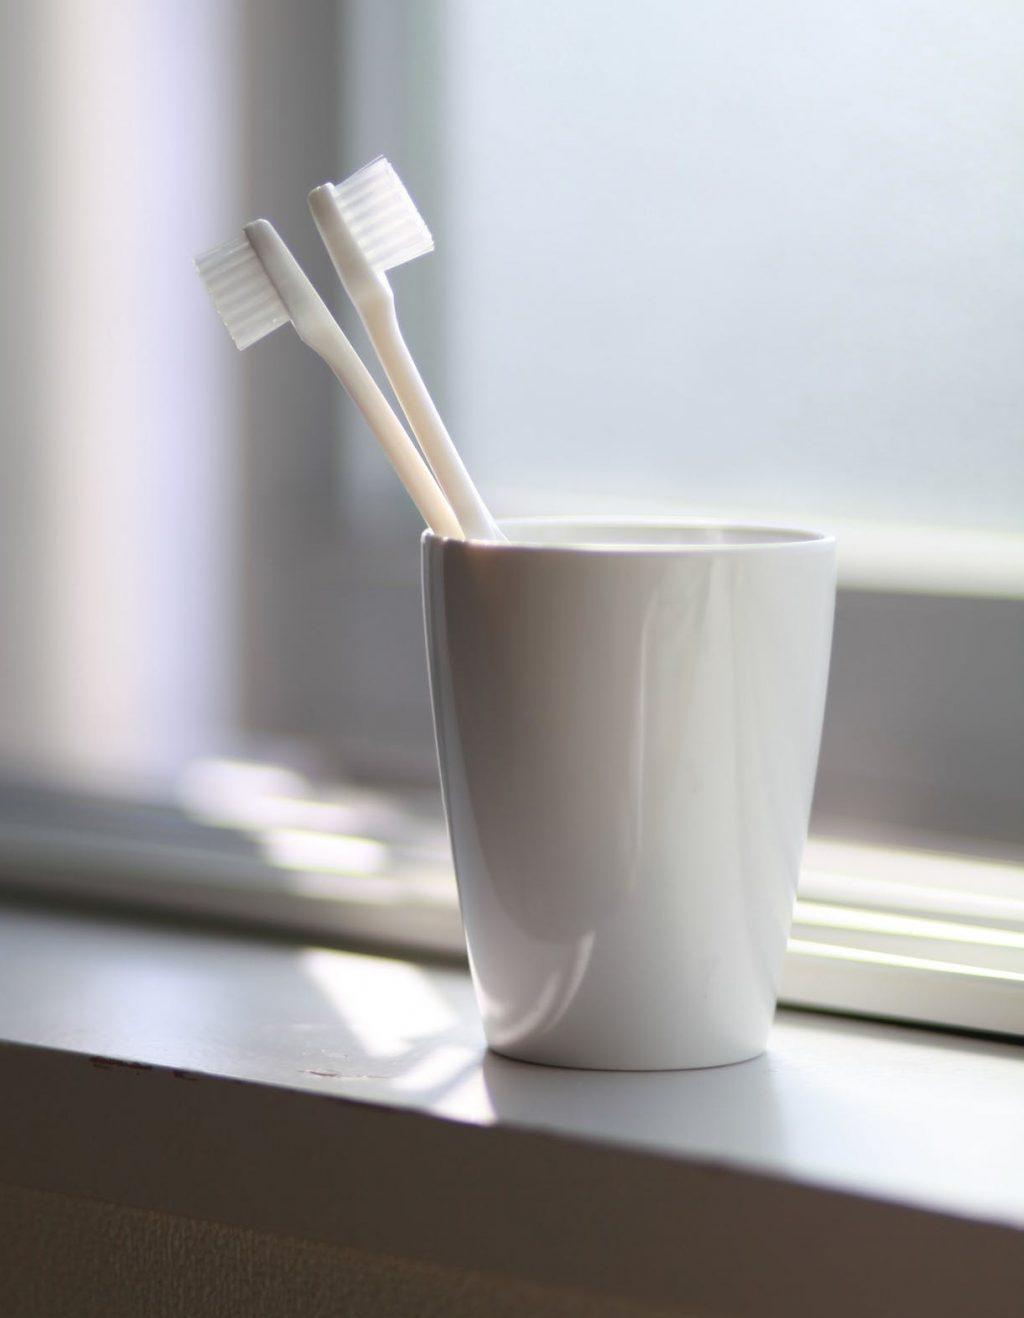 chăm sóc răng miệng bằng bàn chải